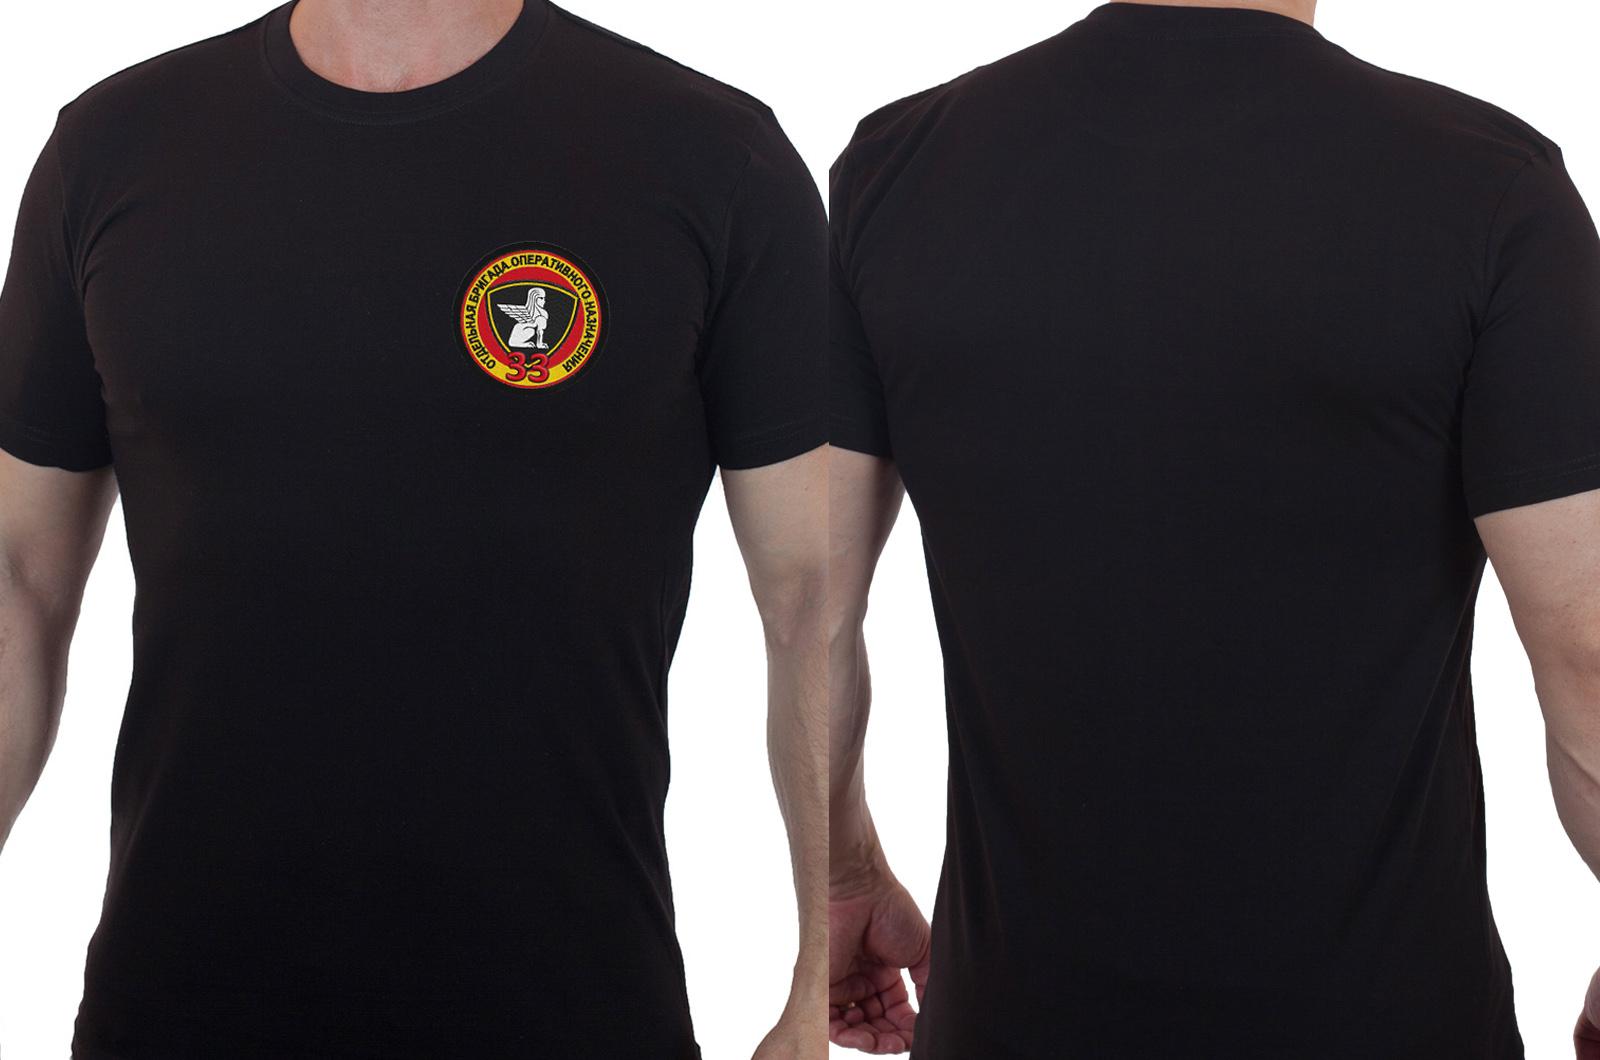 Черная мужская футболка с вышитым шевроном 33 Отдельная бригада Оперативного Назначения - купить с доставкой